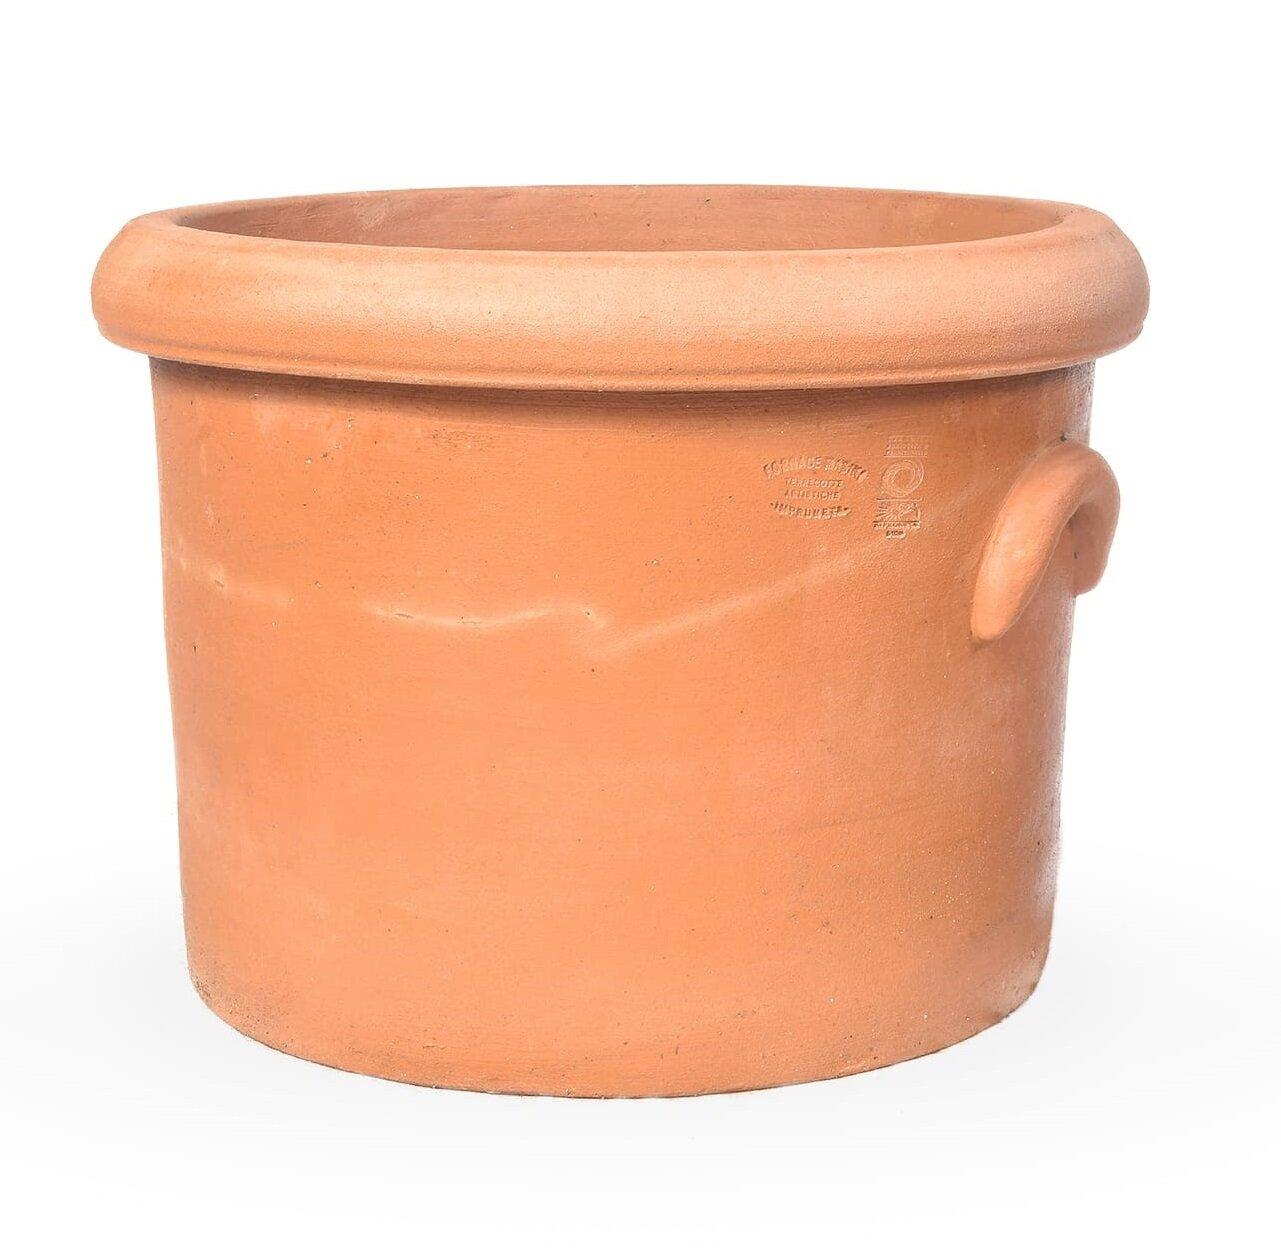 Cilindro con Manici - Zylinder mit Griffen